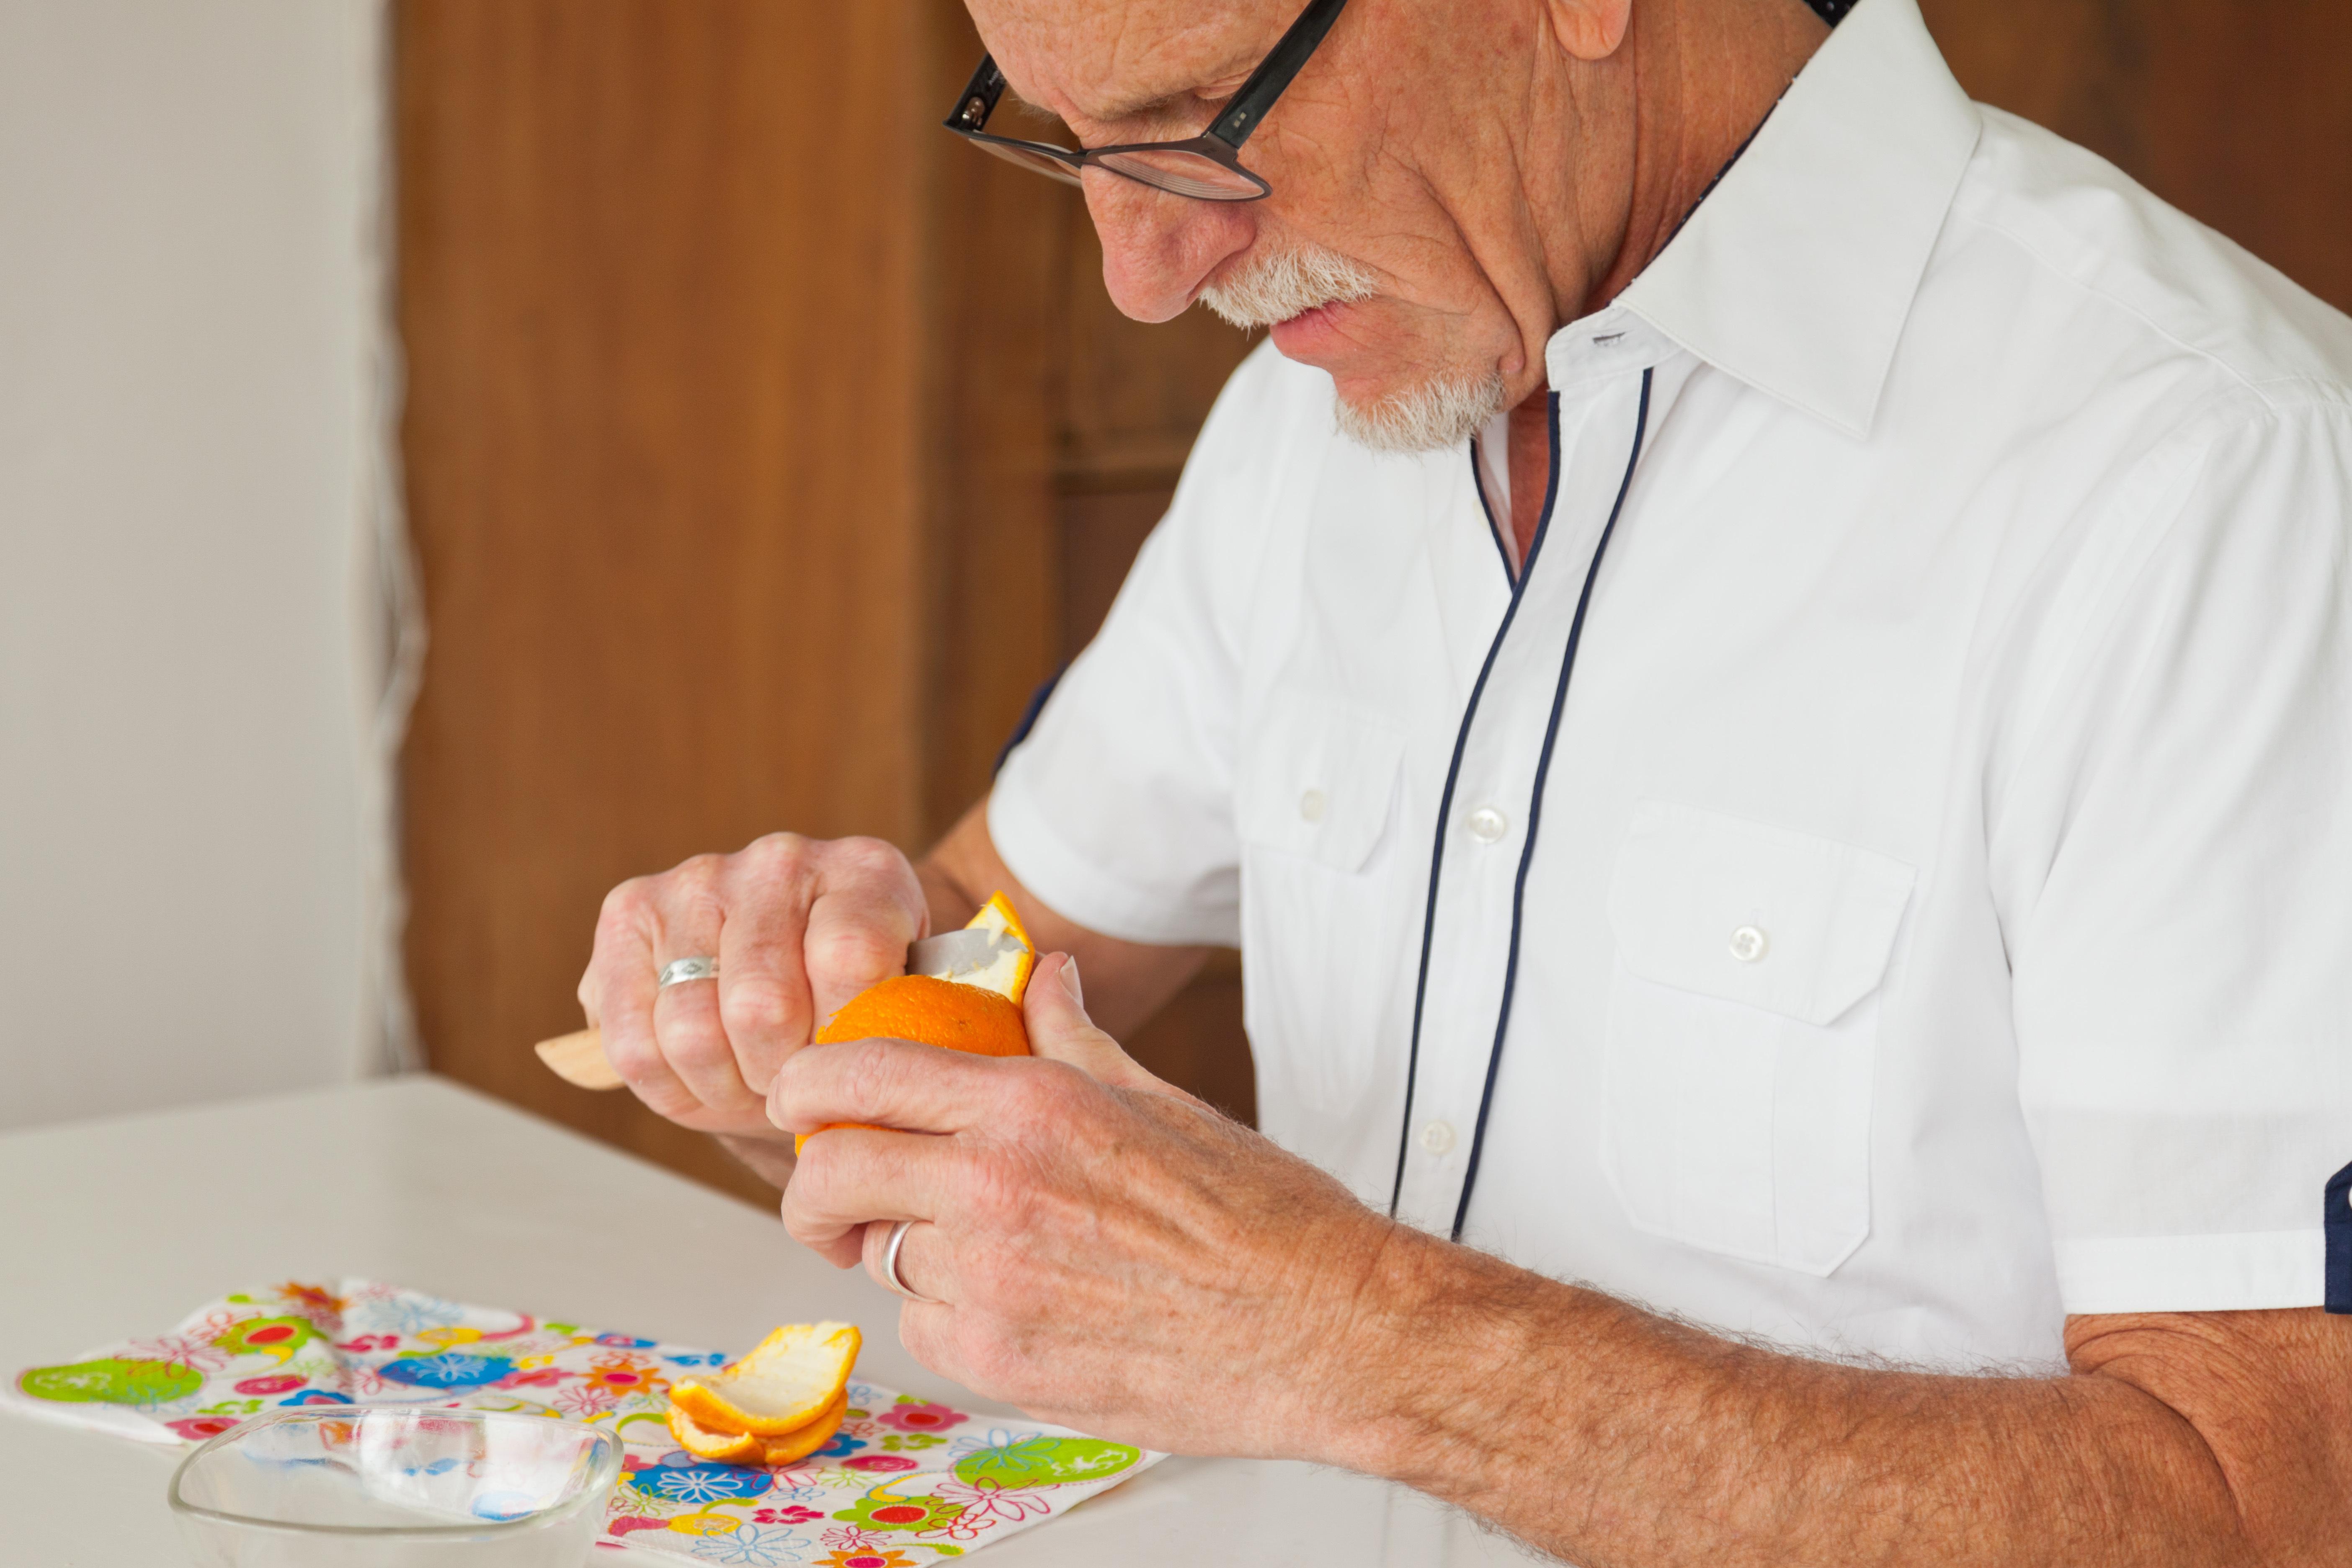 Hos äldre är undernäring och viktnedgång indikatorer på snabbare sjukdomsförlopp vid Alzheimers sjukdom.